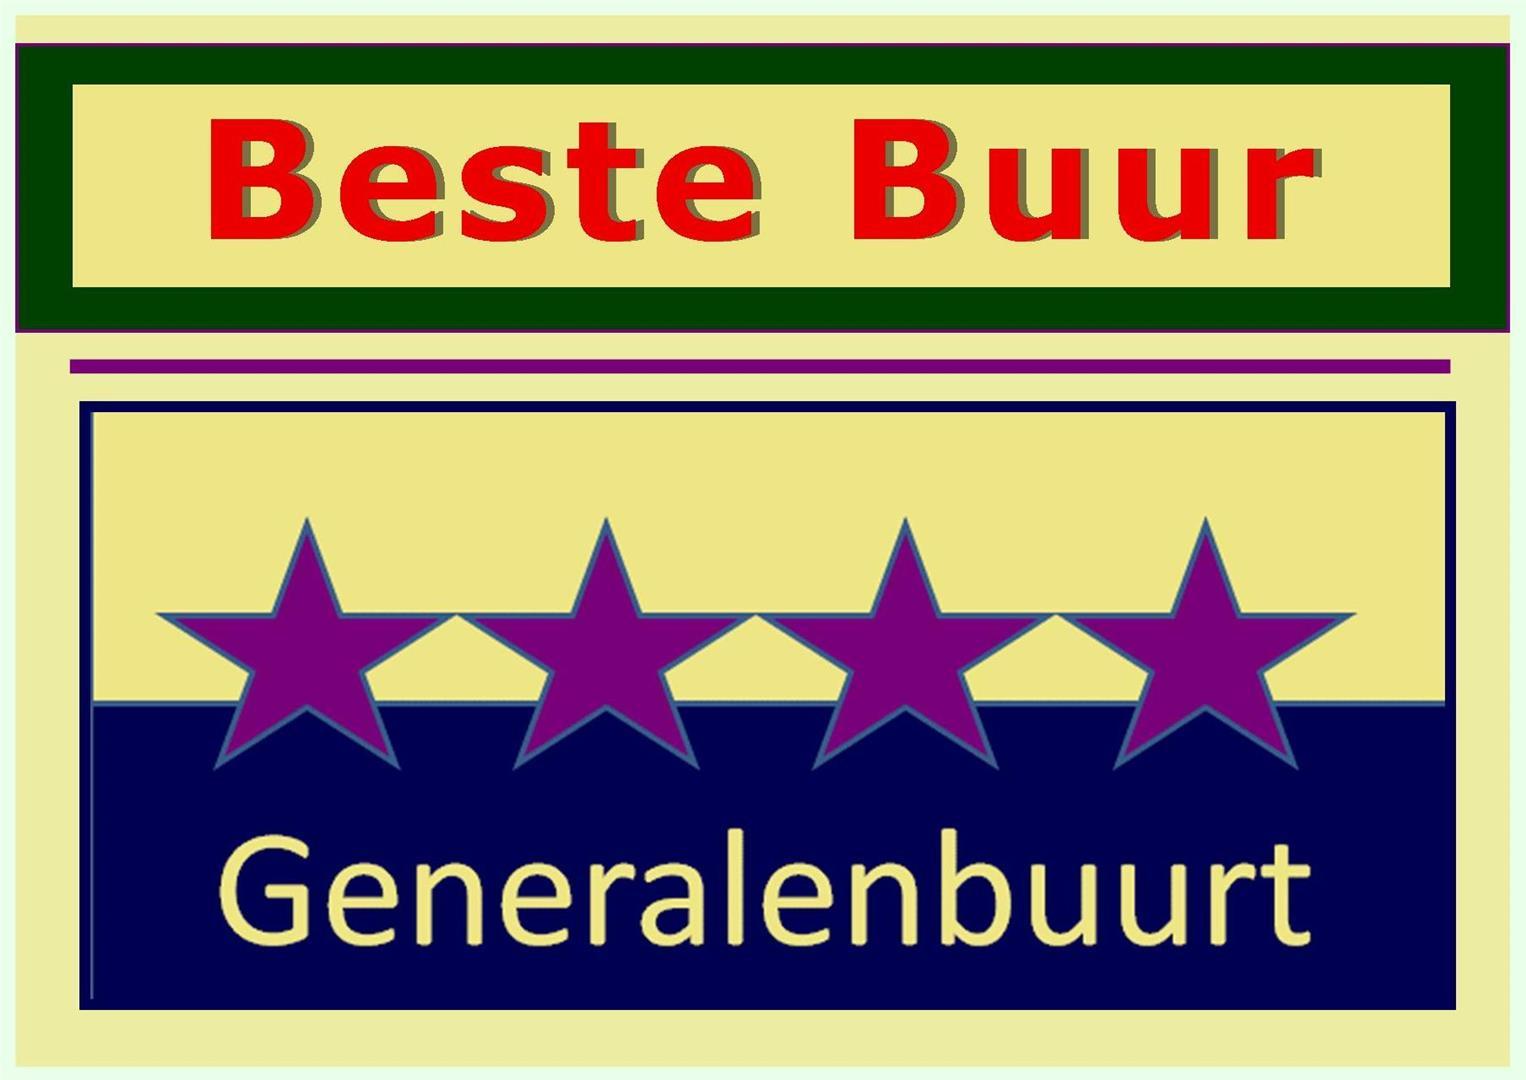 Certificaat Beste Buur_logo_generalenbuurt.jpg